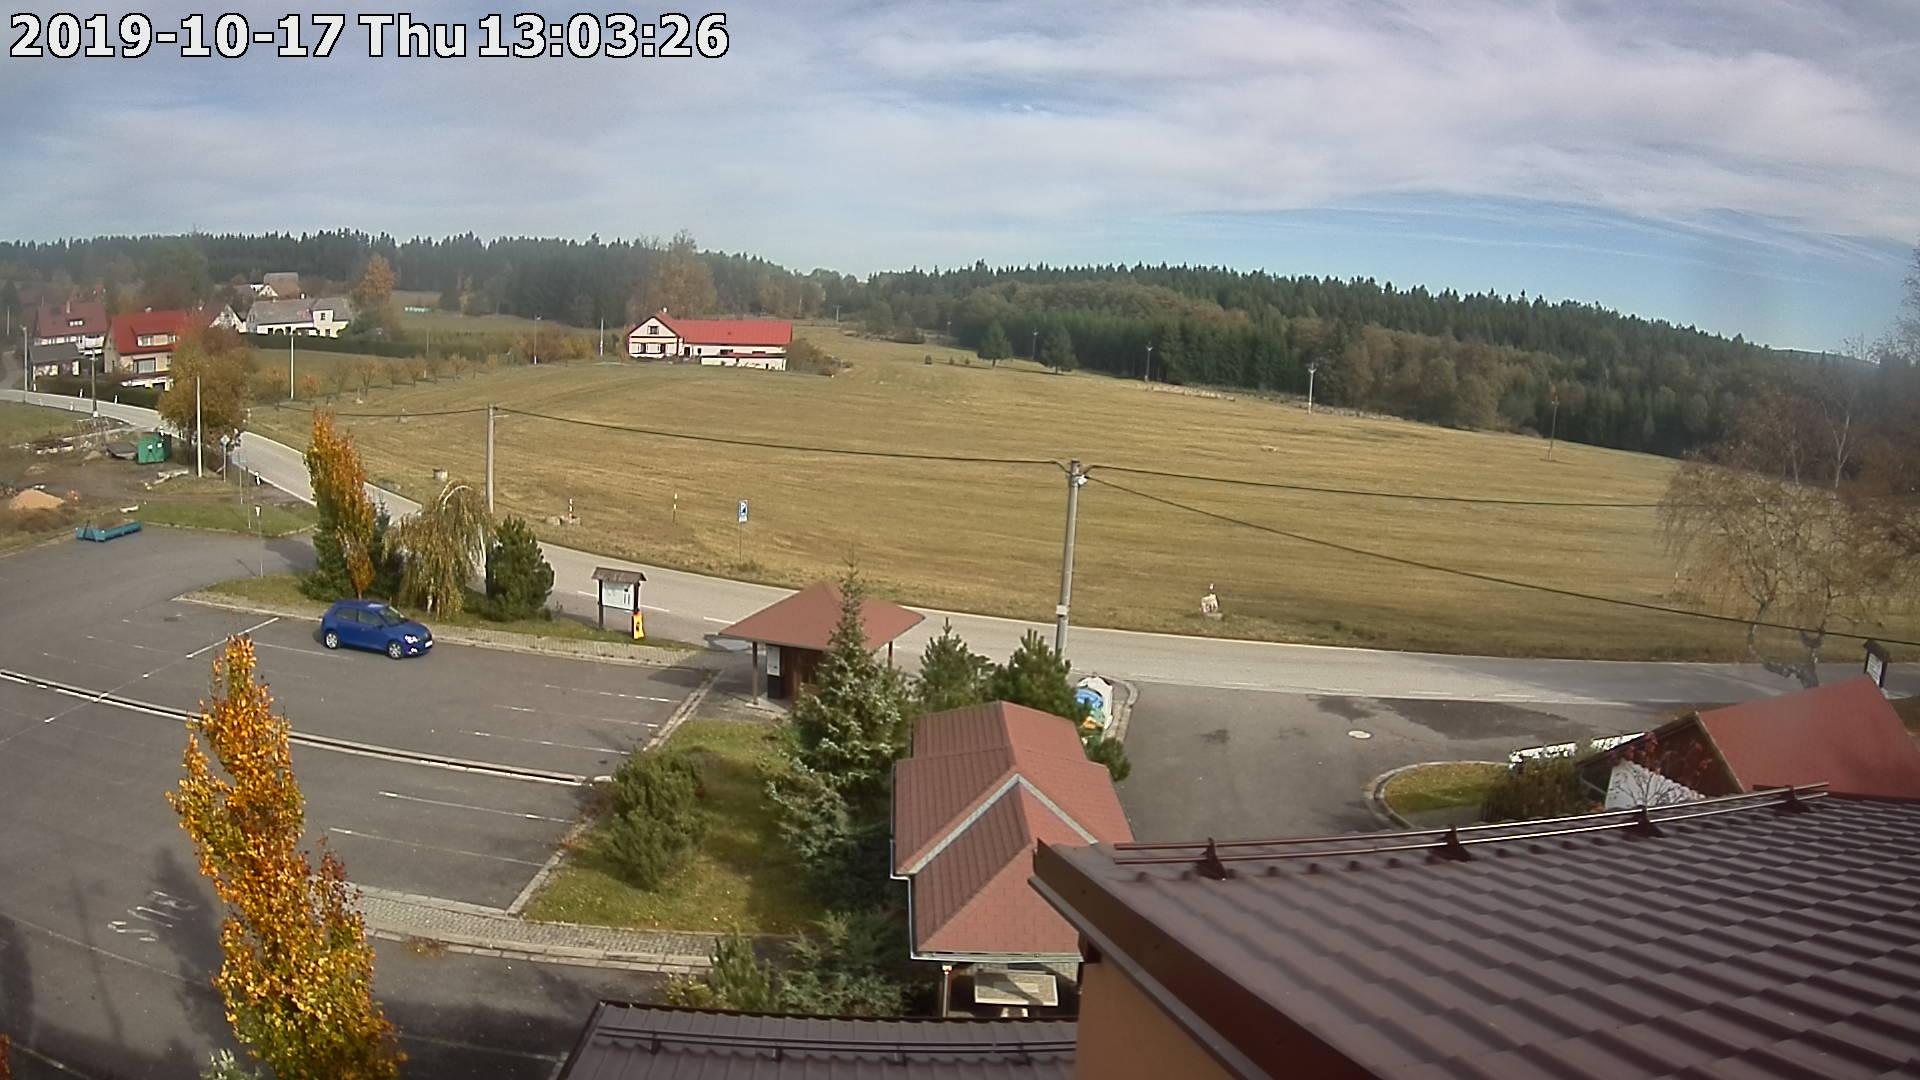 Webkamera ze dne 2019-10-17